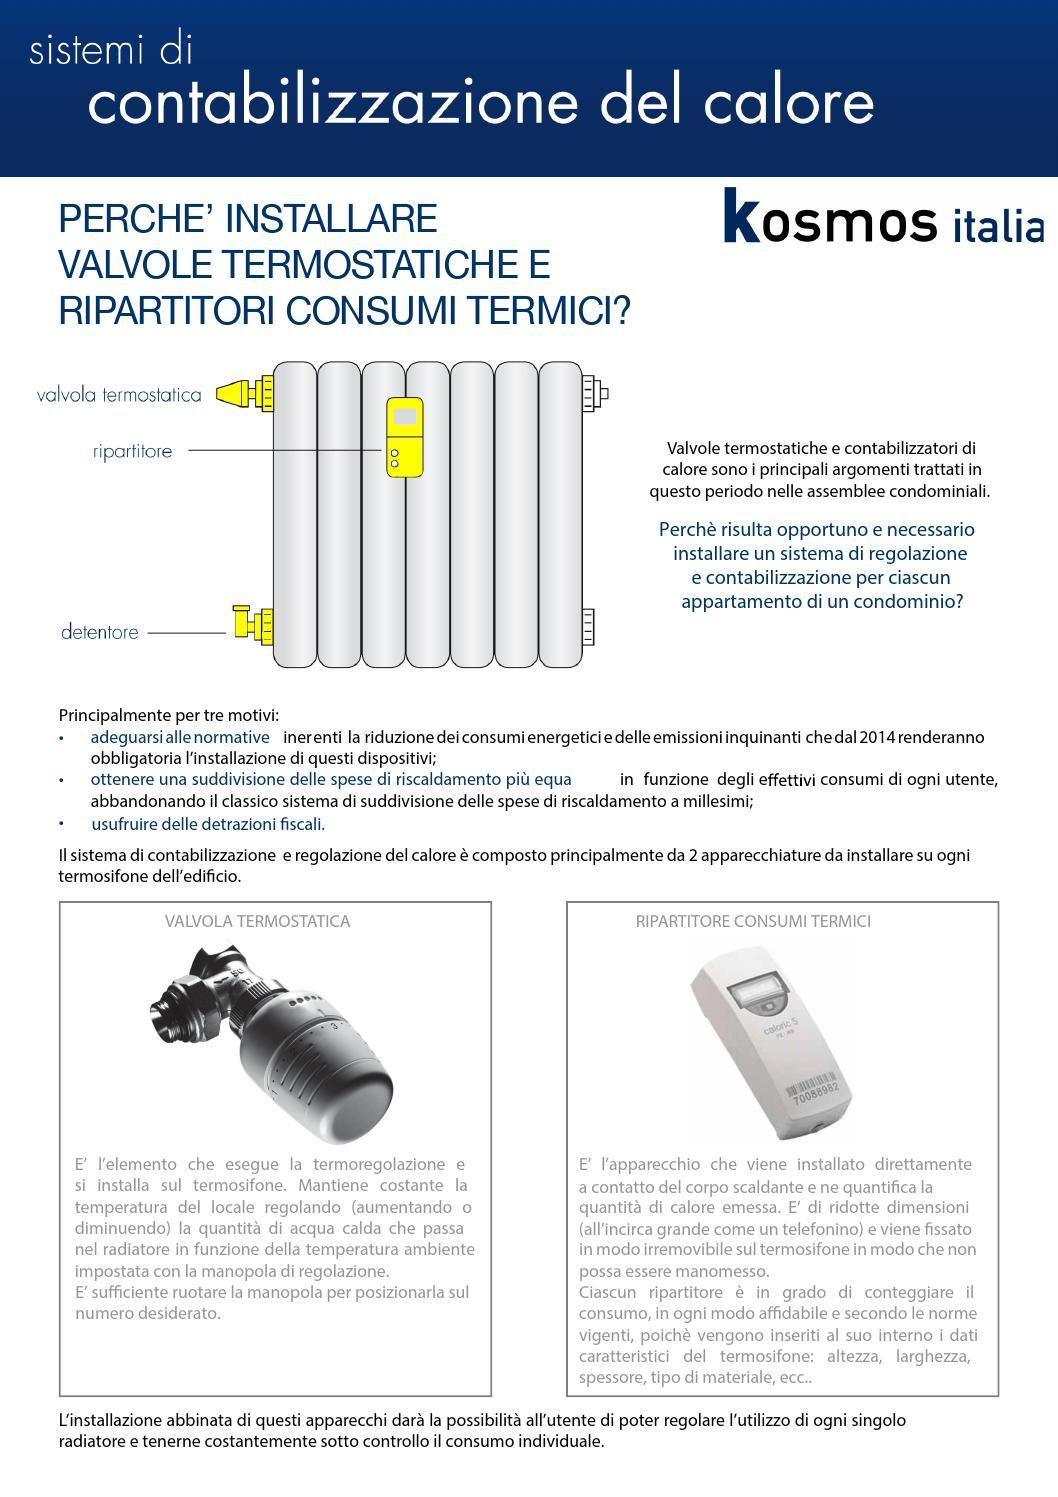 Contabilizzazione del Calore Kosmos Italia by kosmos